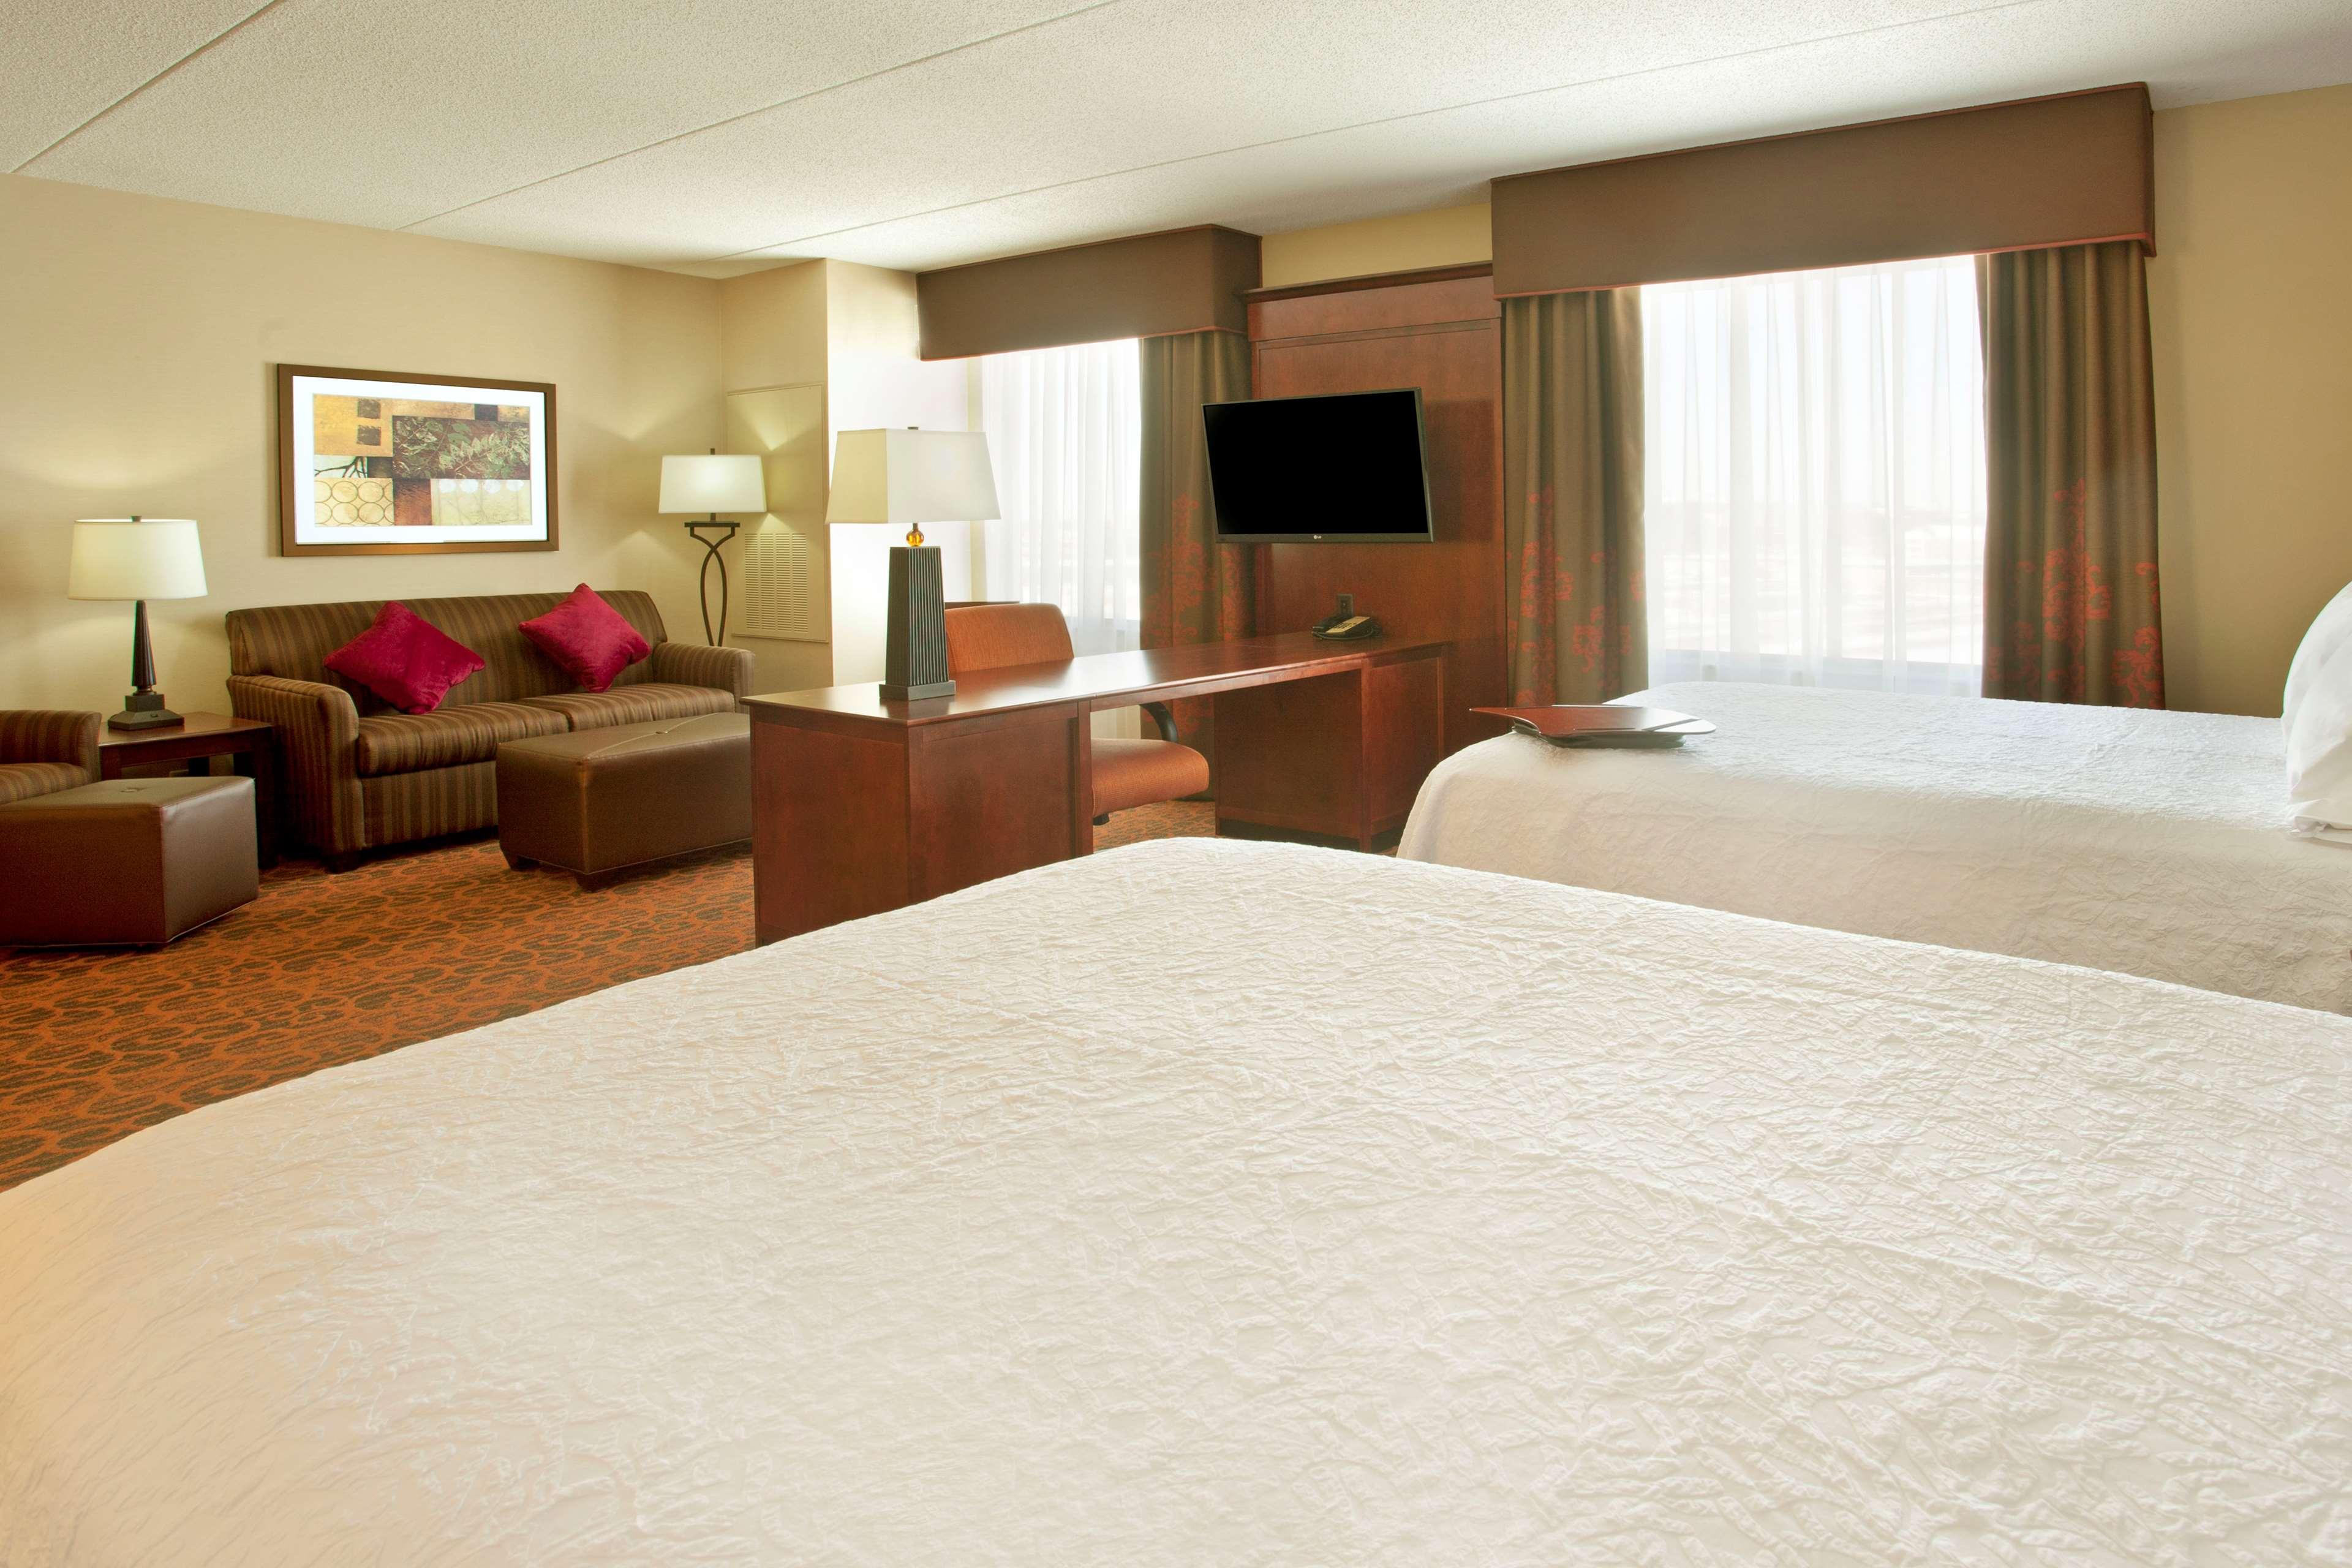 Hampton Inn Suites Minneapolis St Paul Arpt-Mall of America image 22